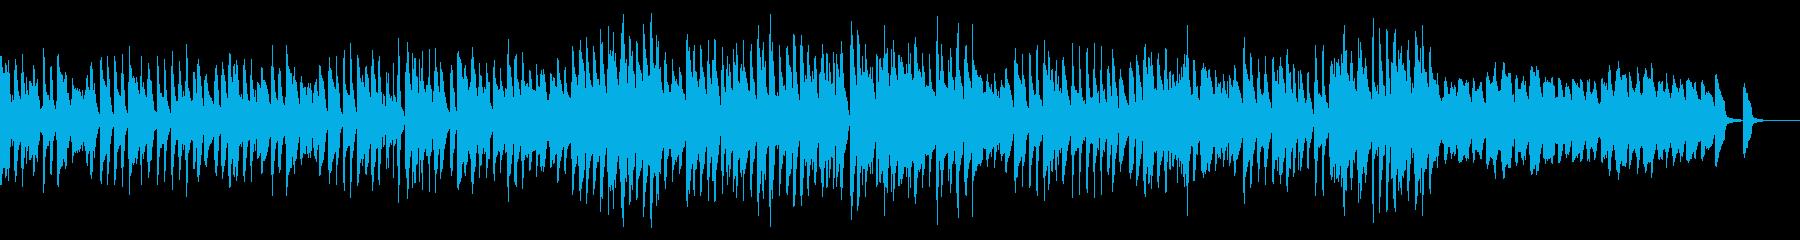 明るくて可愛らしいマリンバのBGMの再生済みの波形